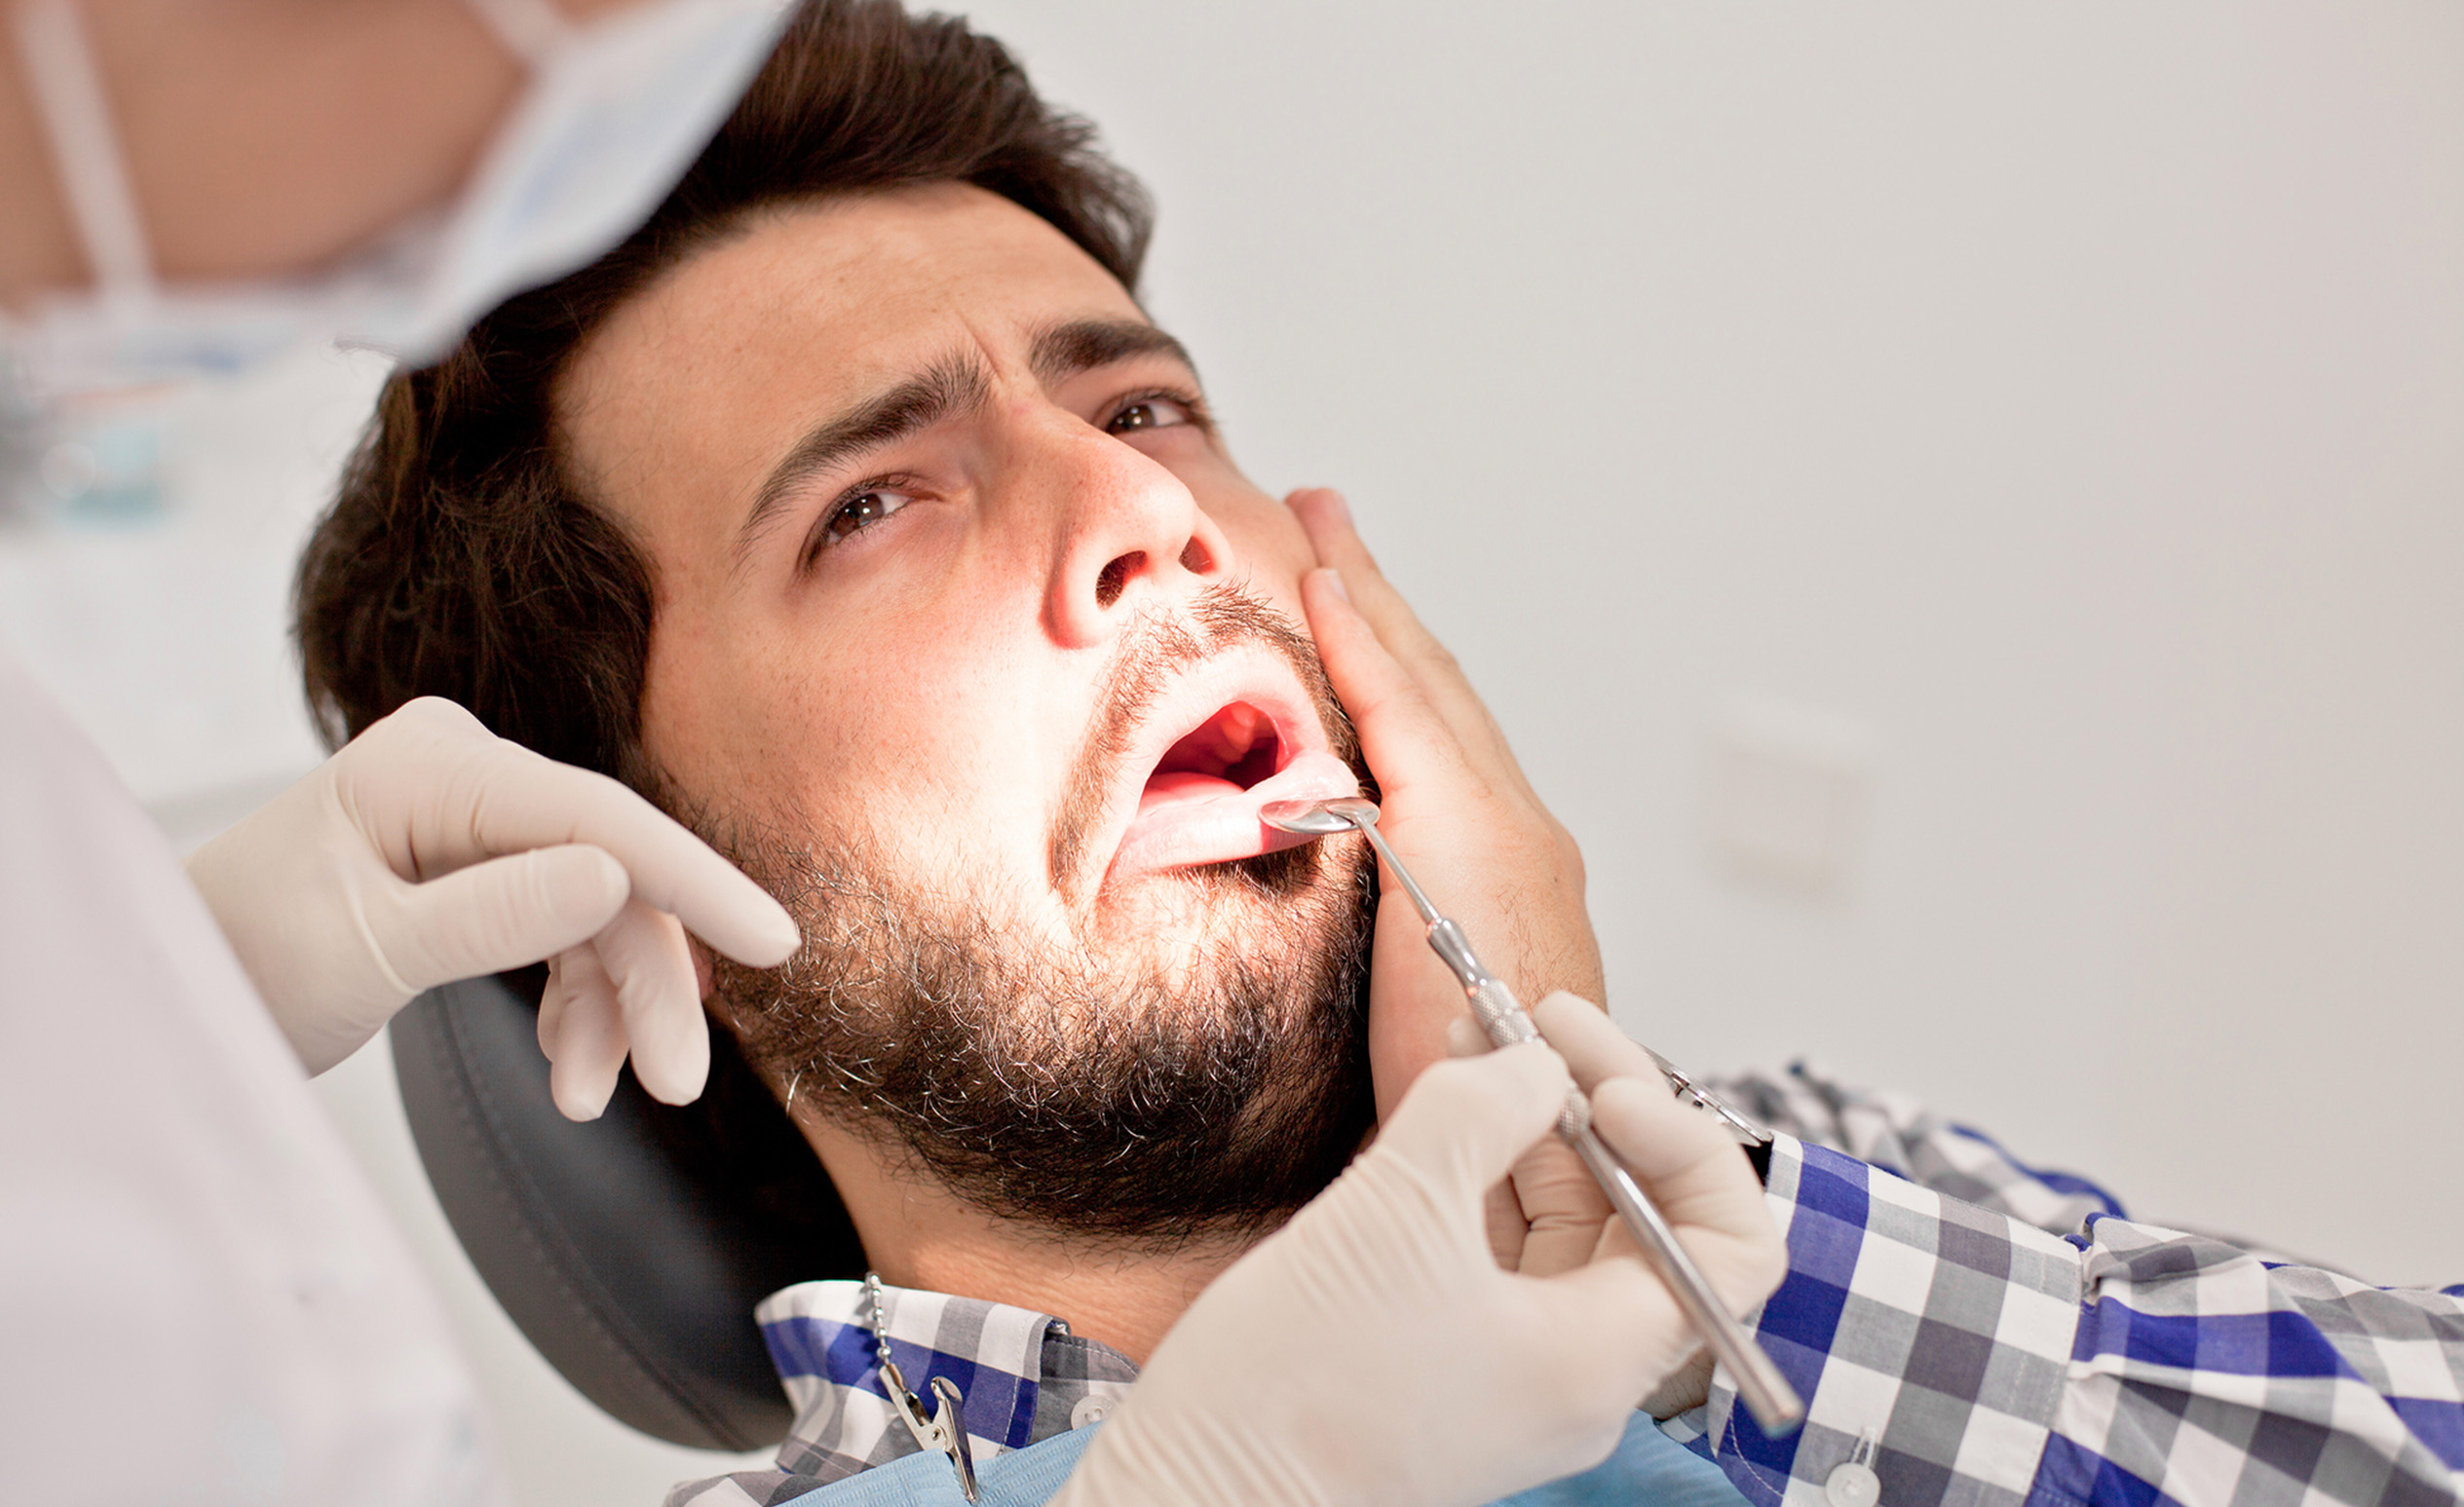 Der Zahnarzt untersucht einen Mann, der sich wegen eines empfindlichen Zahnes den Kopf greift.